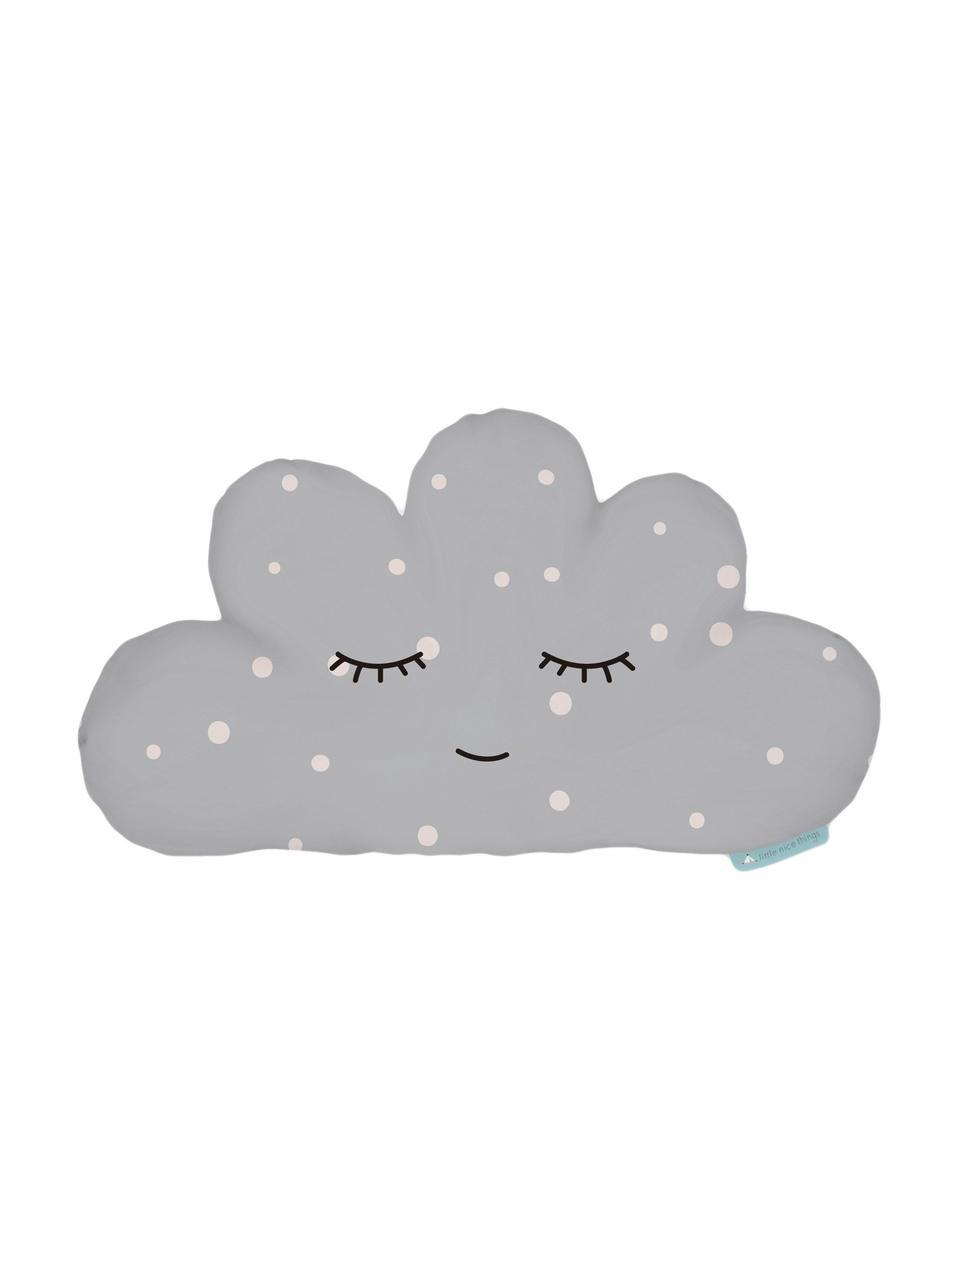 Kuschelkissen Cloud, Polyester (Mikrofaser), Grau, Weiß, Schwarz, 21 x 42 cm